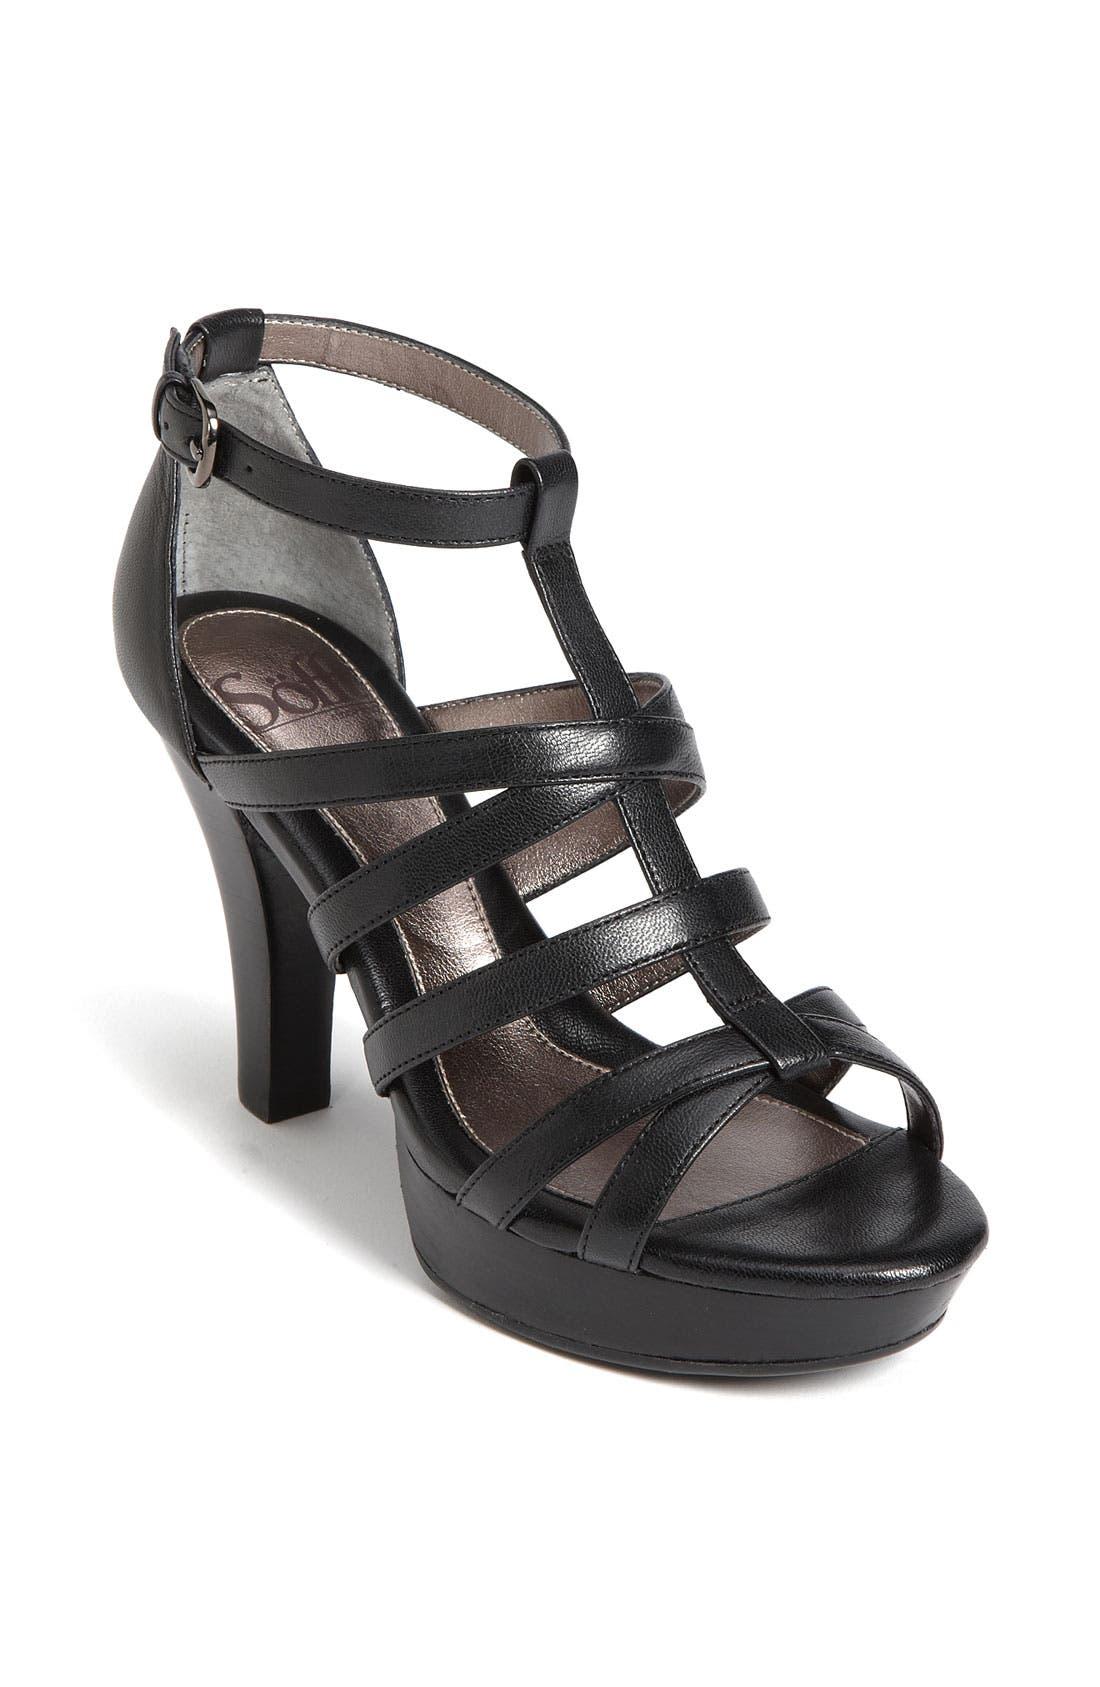 Main Image - Söfft 'St. Larouse' Sandal